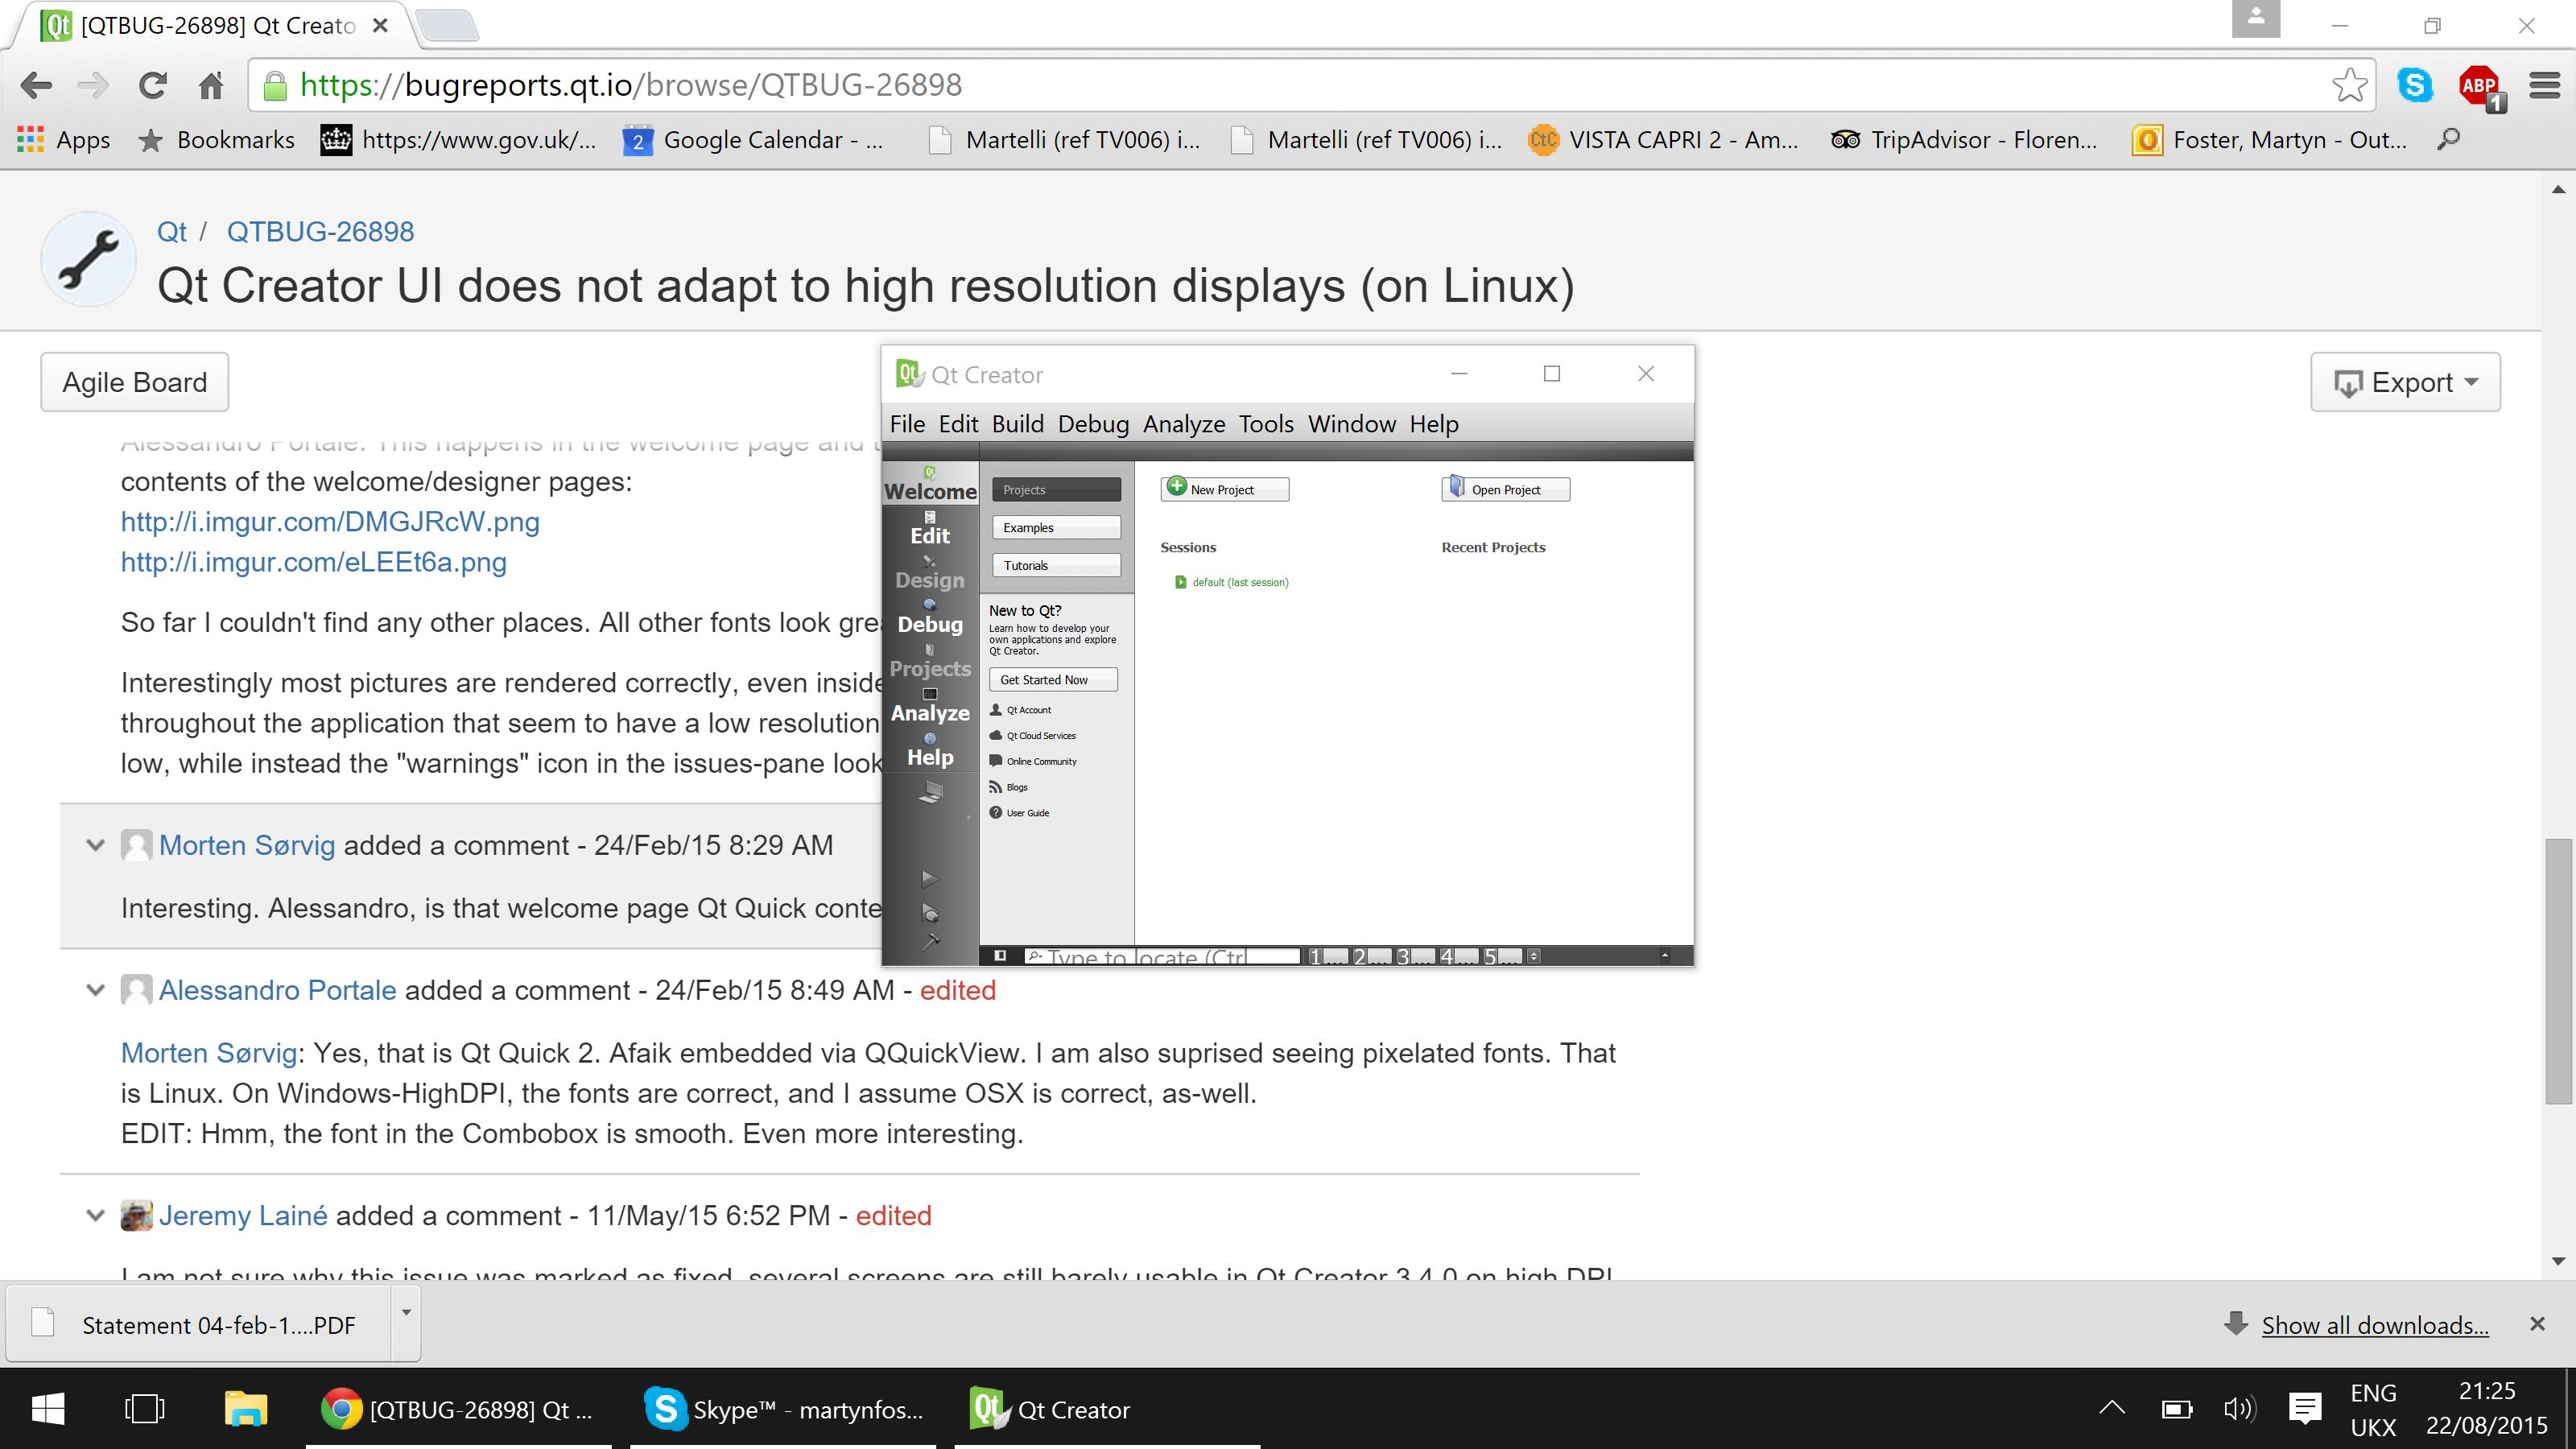 QTBUG-26898] Qt Creator UI does not adapt to high resolution